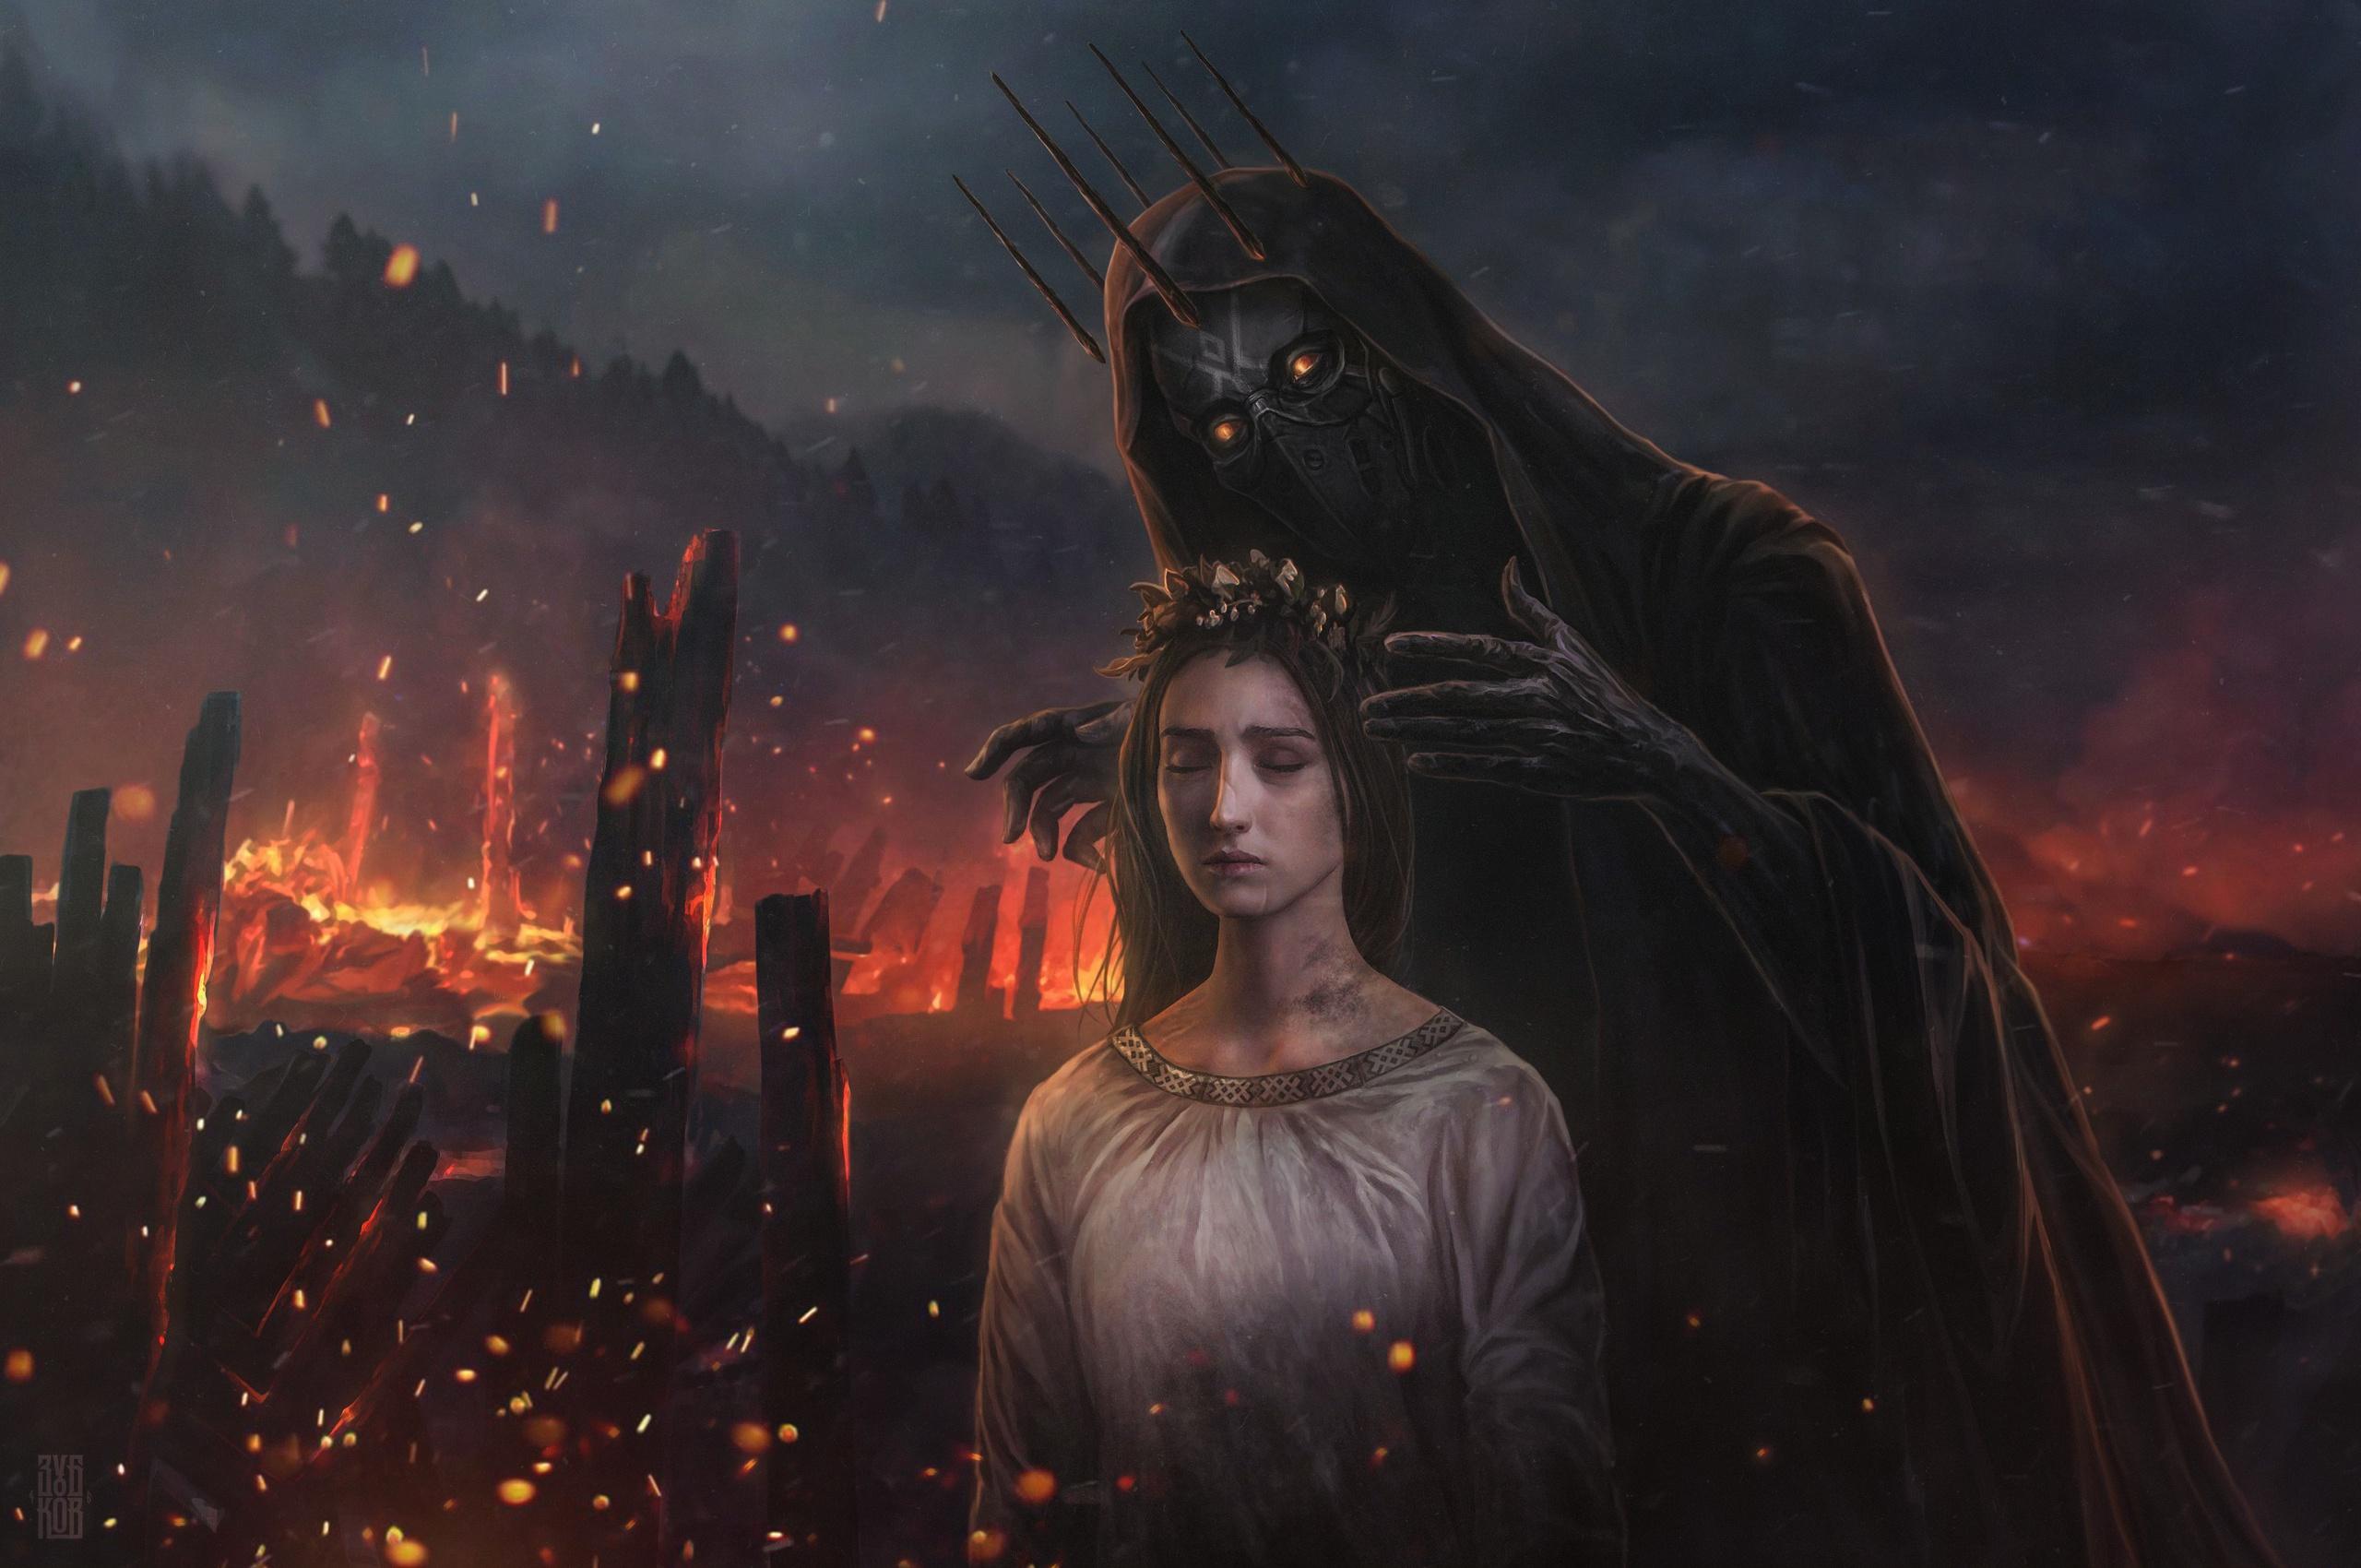 Wallpaper Dark Fantasy Fantasy Art Fantasy Girl Demon Fire